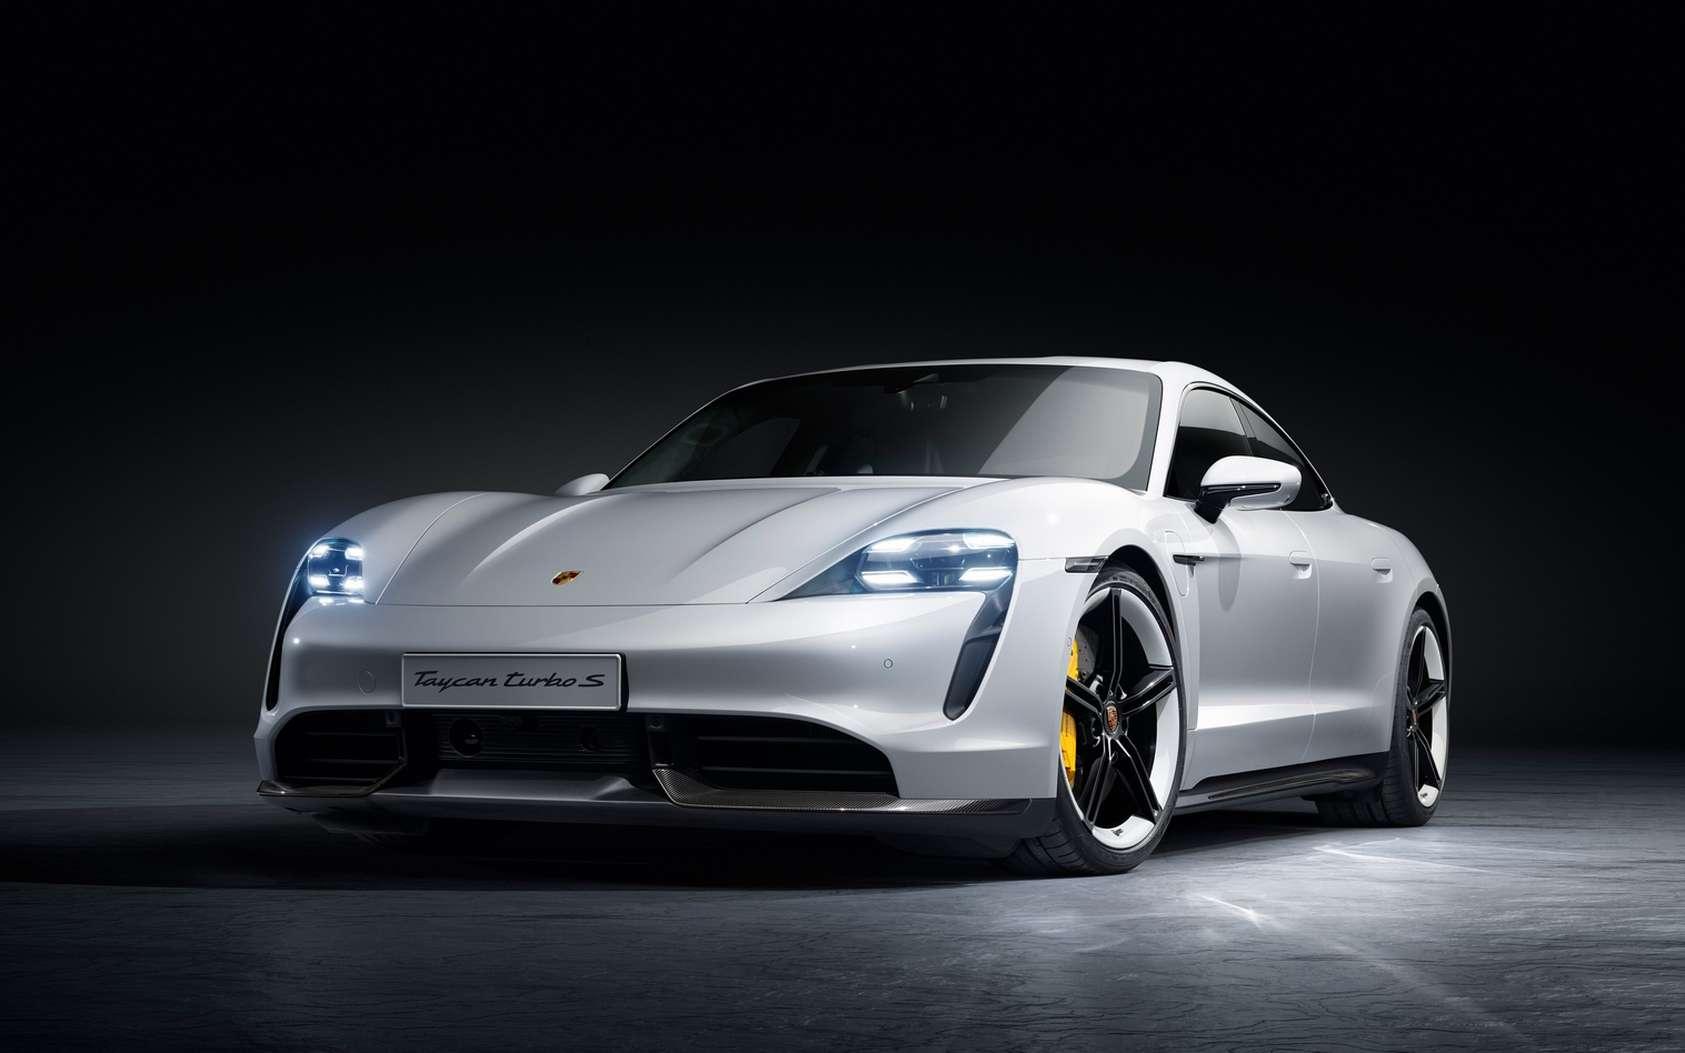 La Taycan Turbo S frôle les 190.000 euros prix public hors option. © Porsche